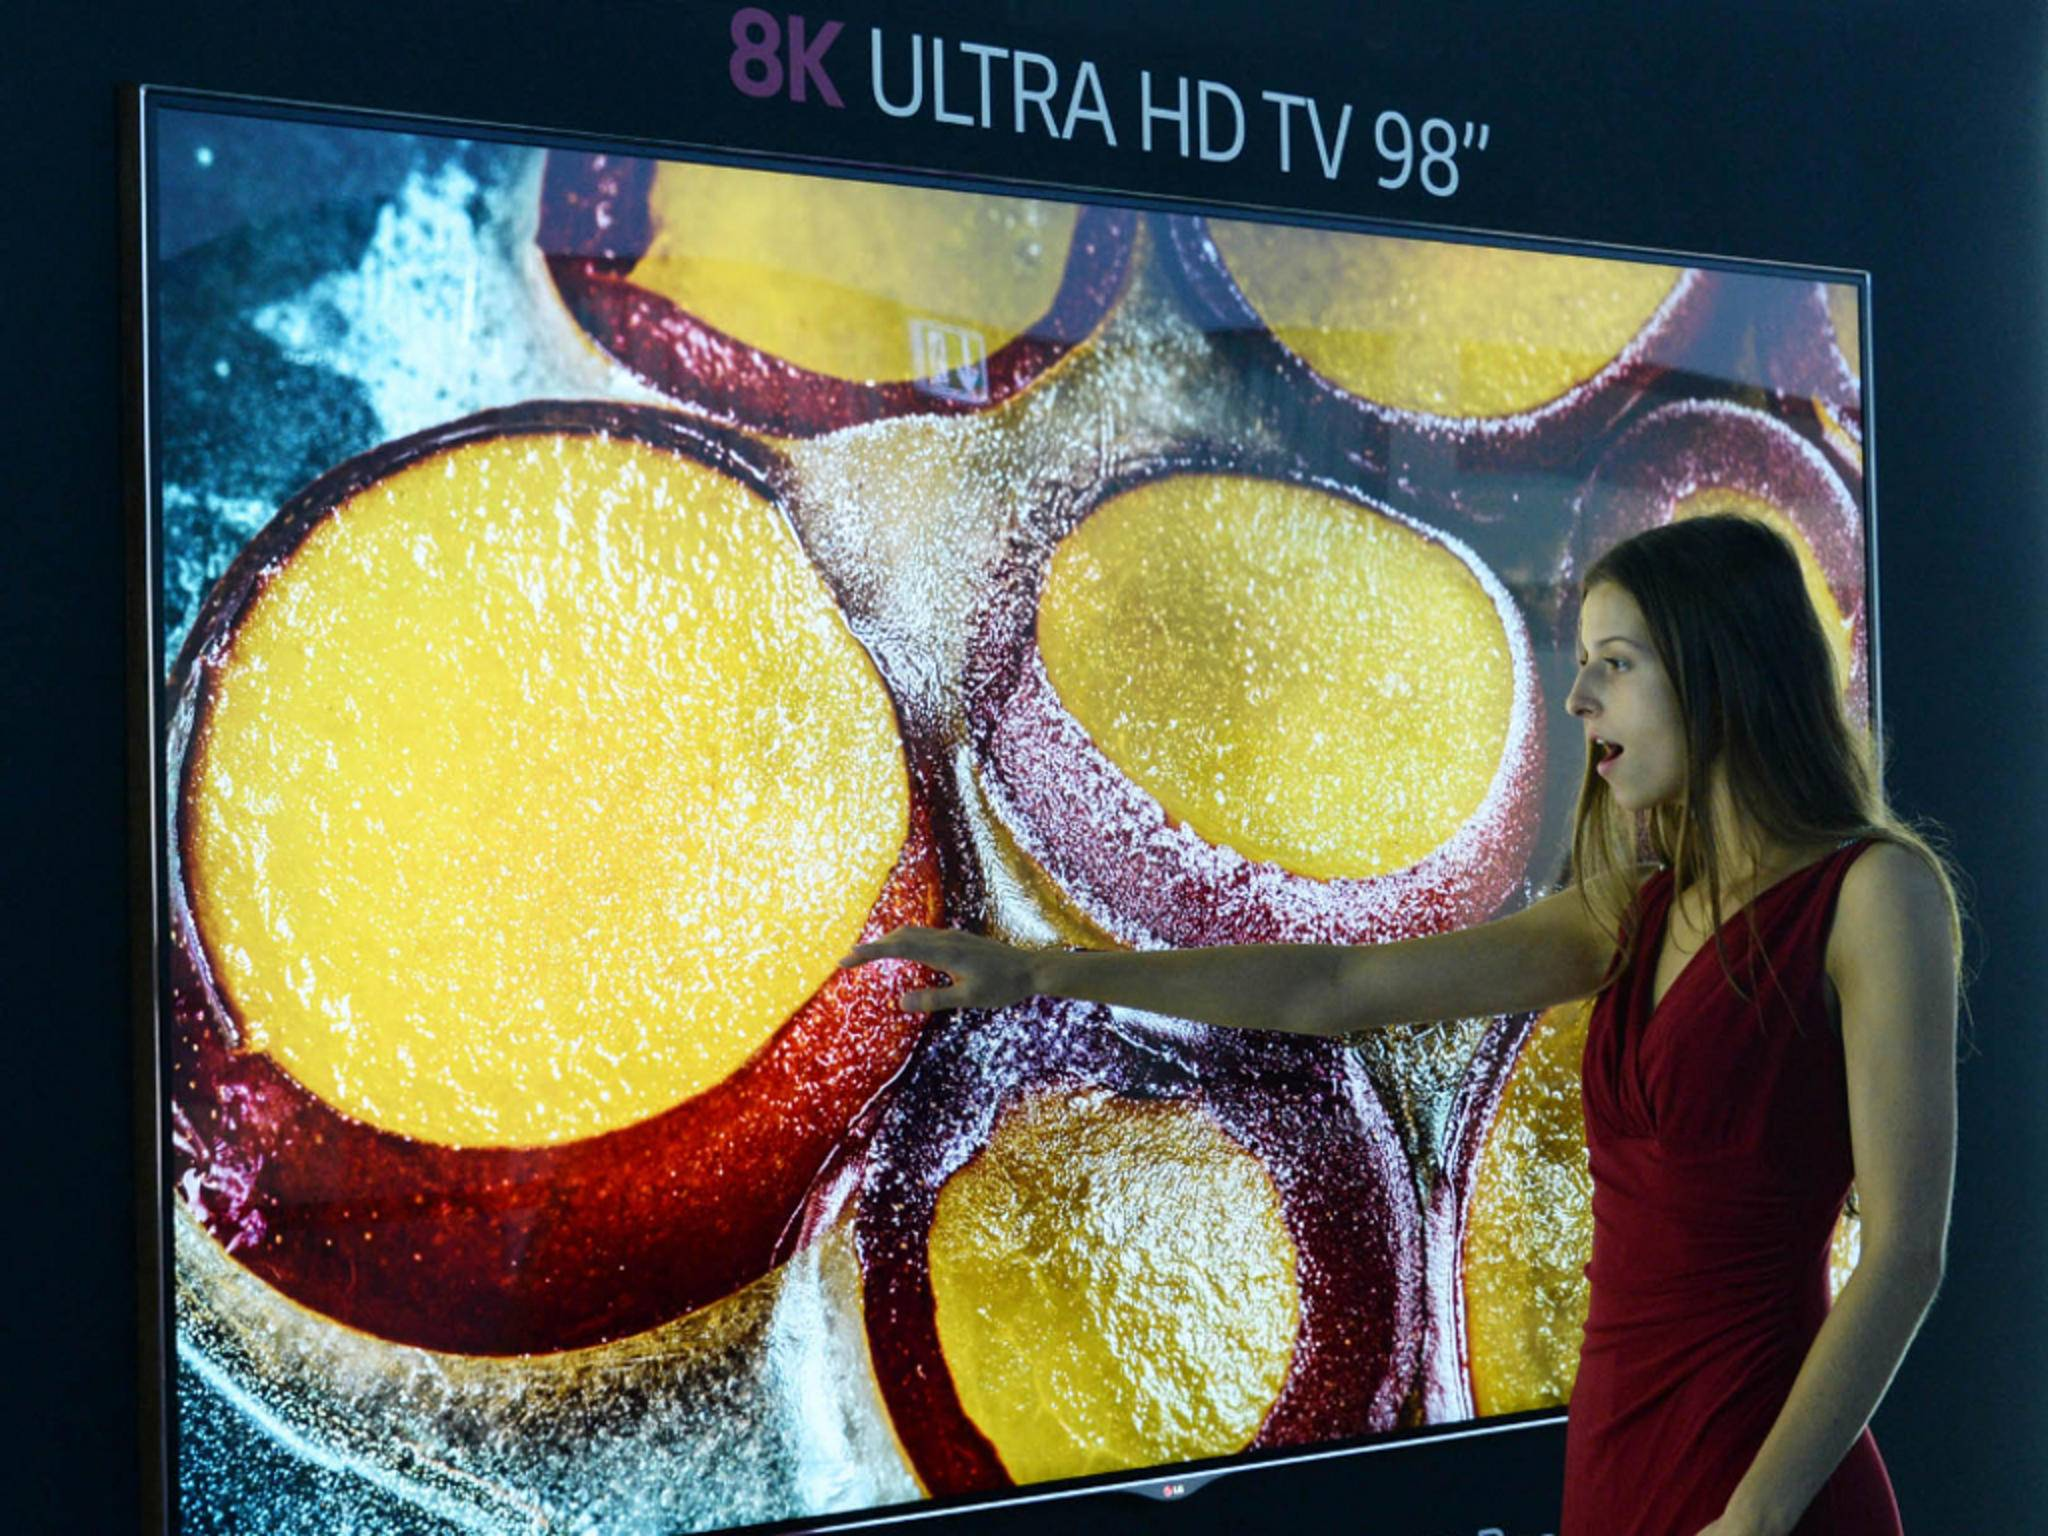 8K-Display von LG auf der IFA 2014